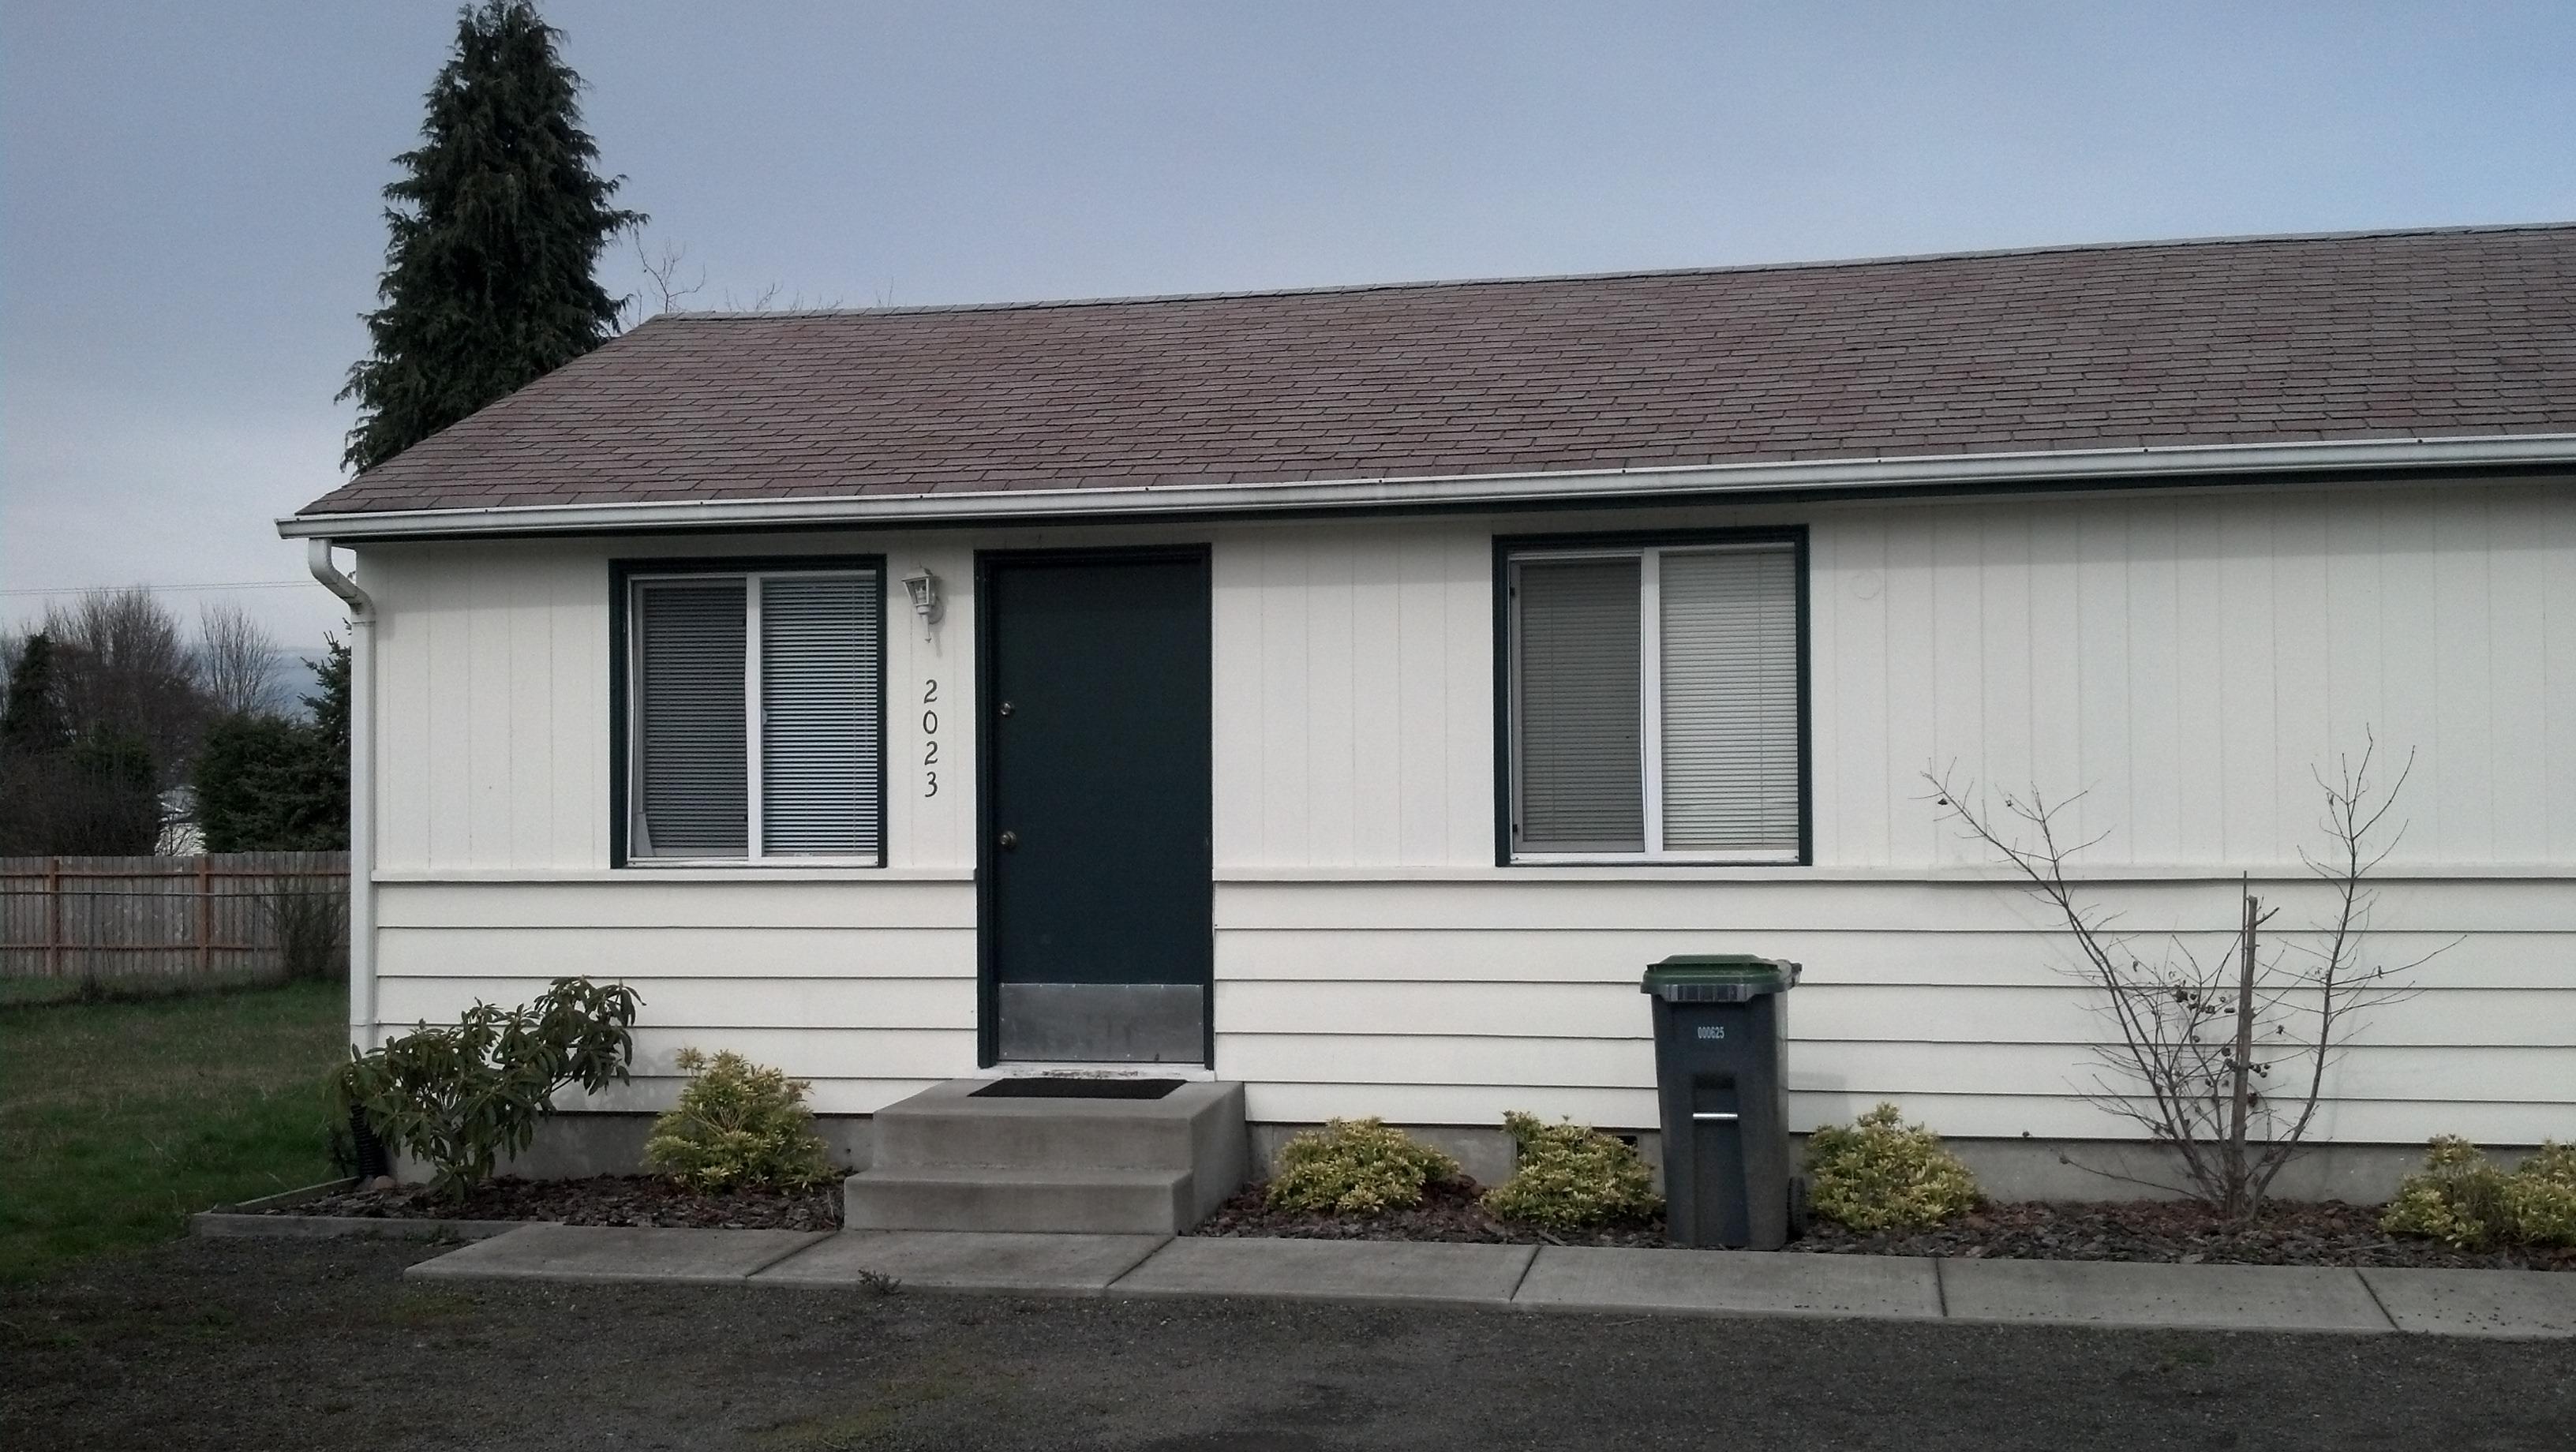 2023 E 4th Avenue, Port Angeles, WA 98362